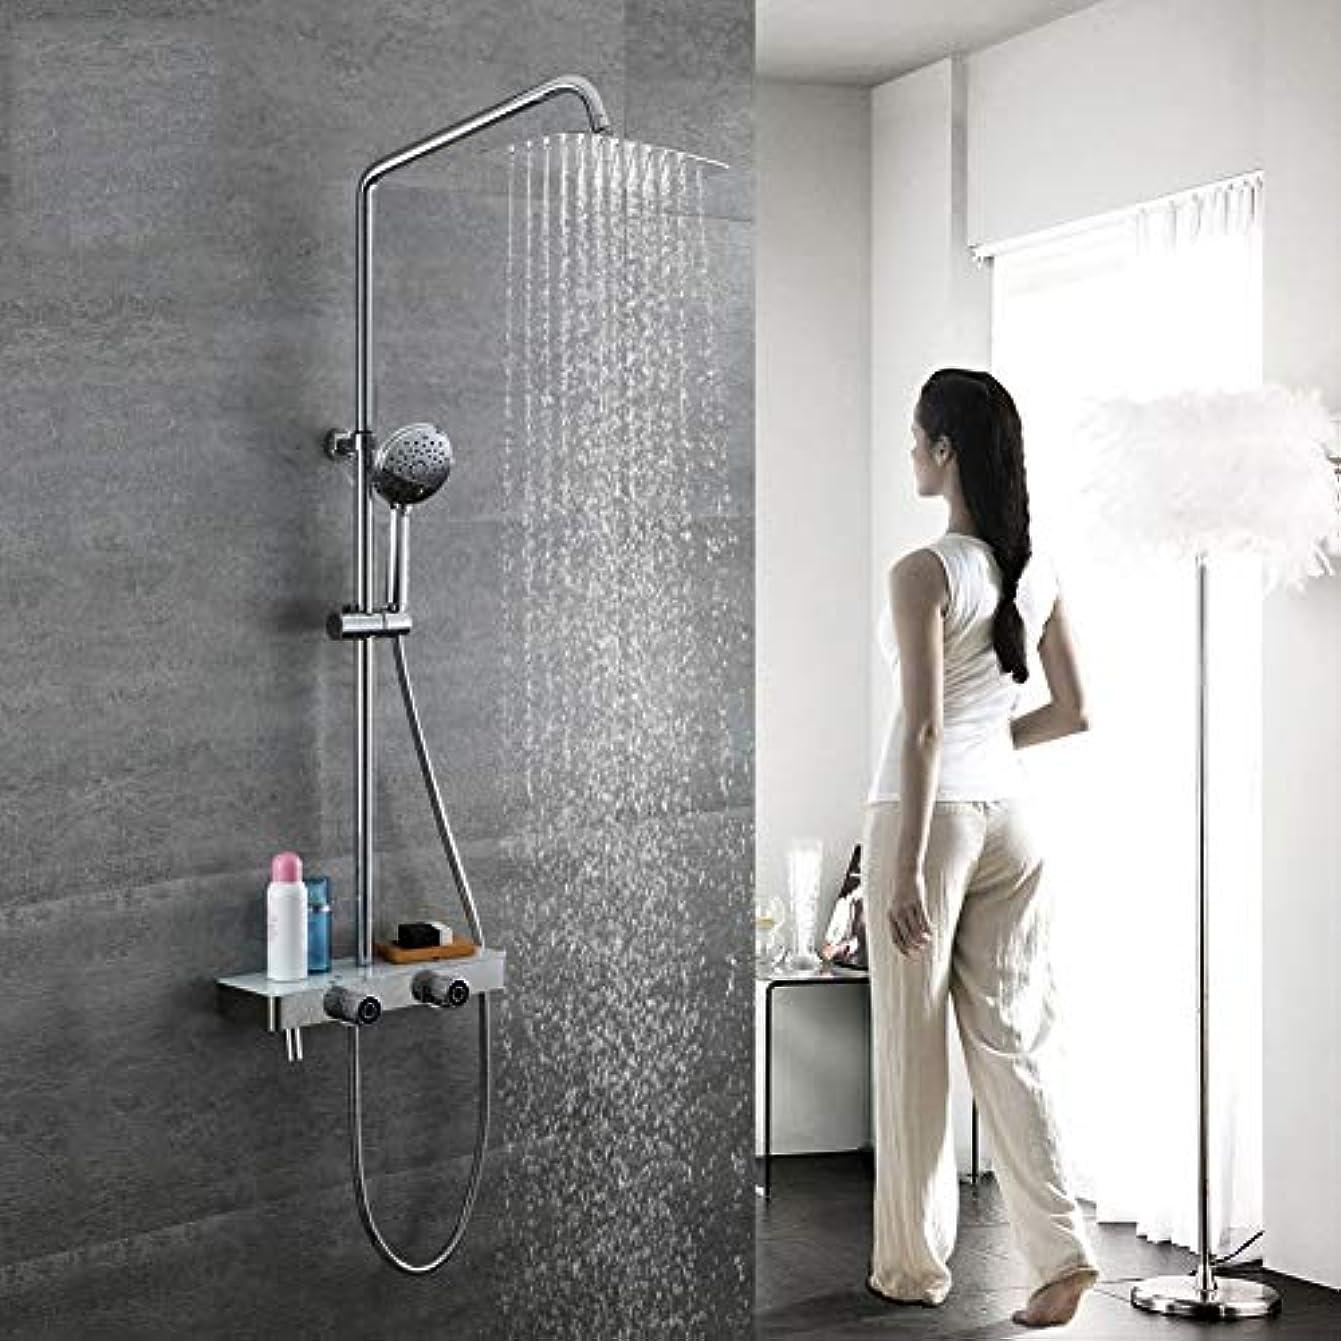 債権者オートメーション木曜日シャワーシステム、浴室シャワーミキサーセット3機能降雨シャワーセットラウンドスタイルシャワーヘッドセット304ステンレス鋼レインシャワーシステム